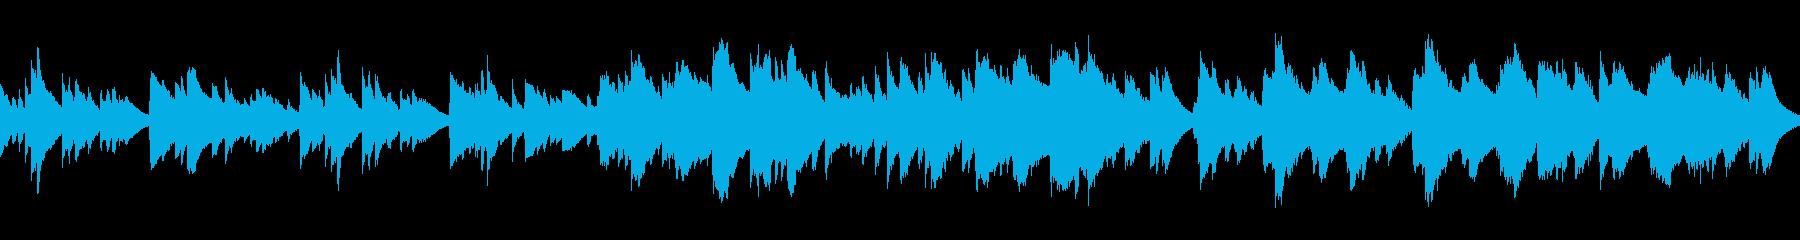 3拍子のシンプルなオルゴールの再生済みの波形